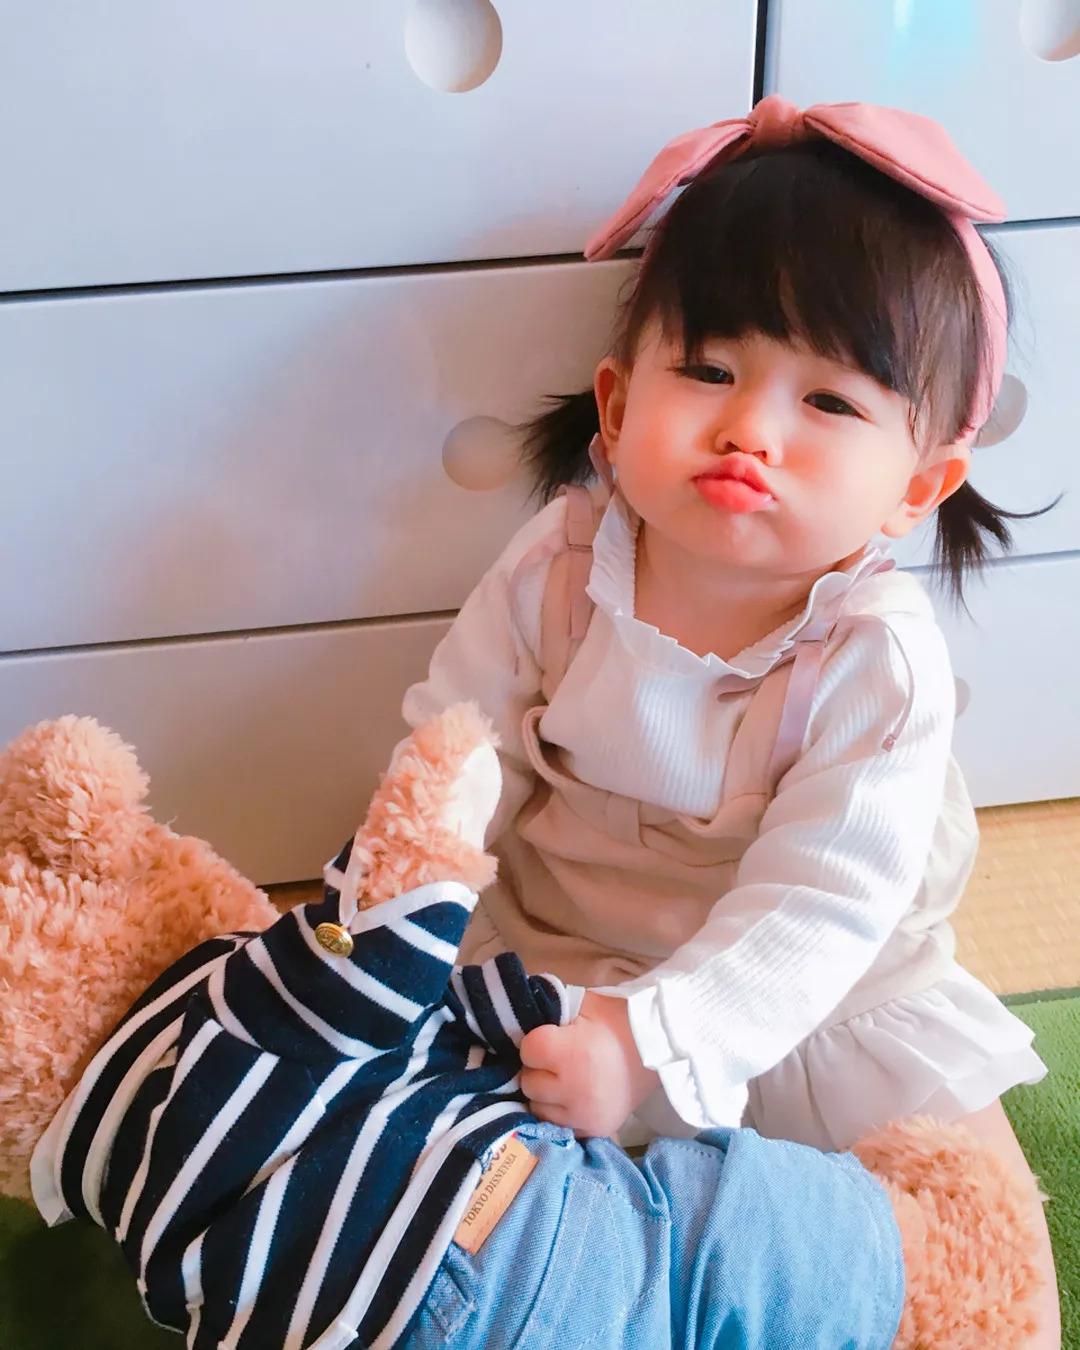 99 这位小baby也是一个霓虹小萝莉 名字跟滨崎步一样图片